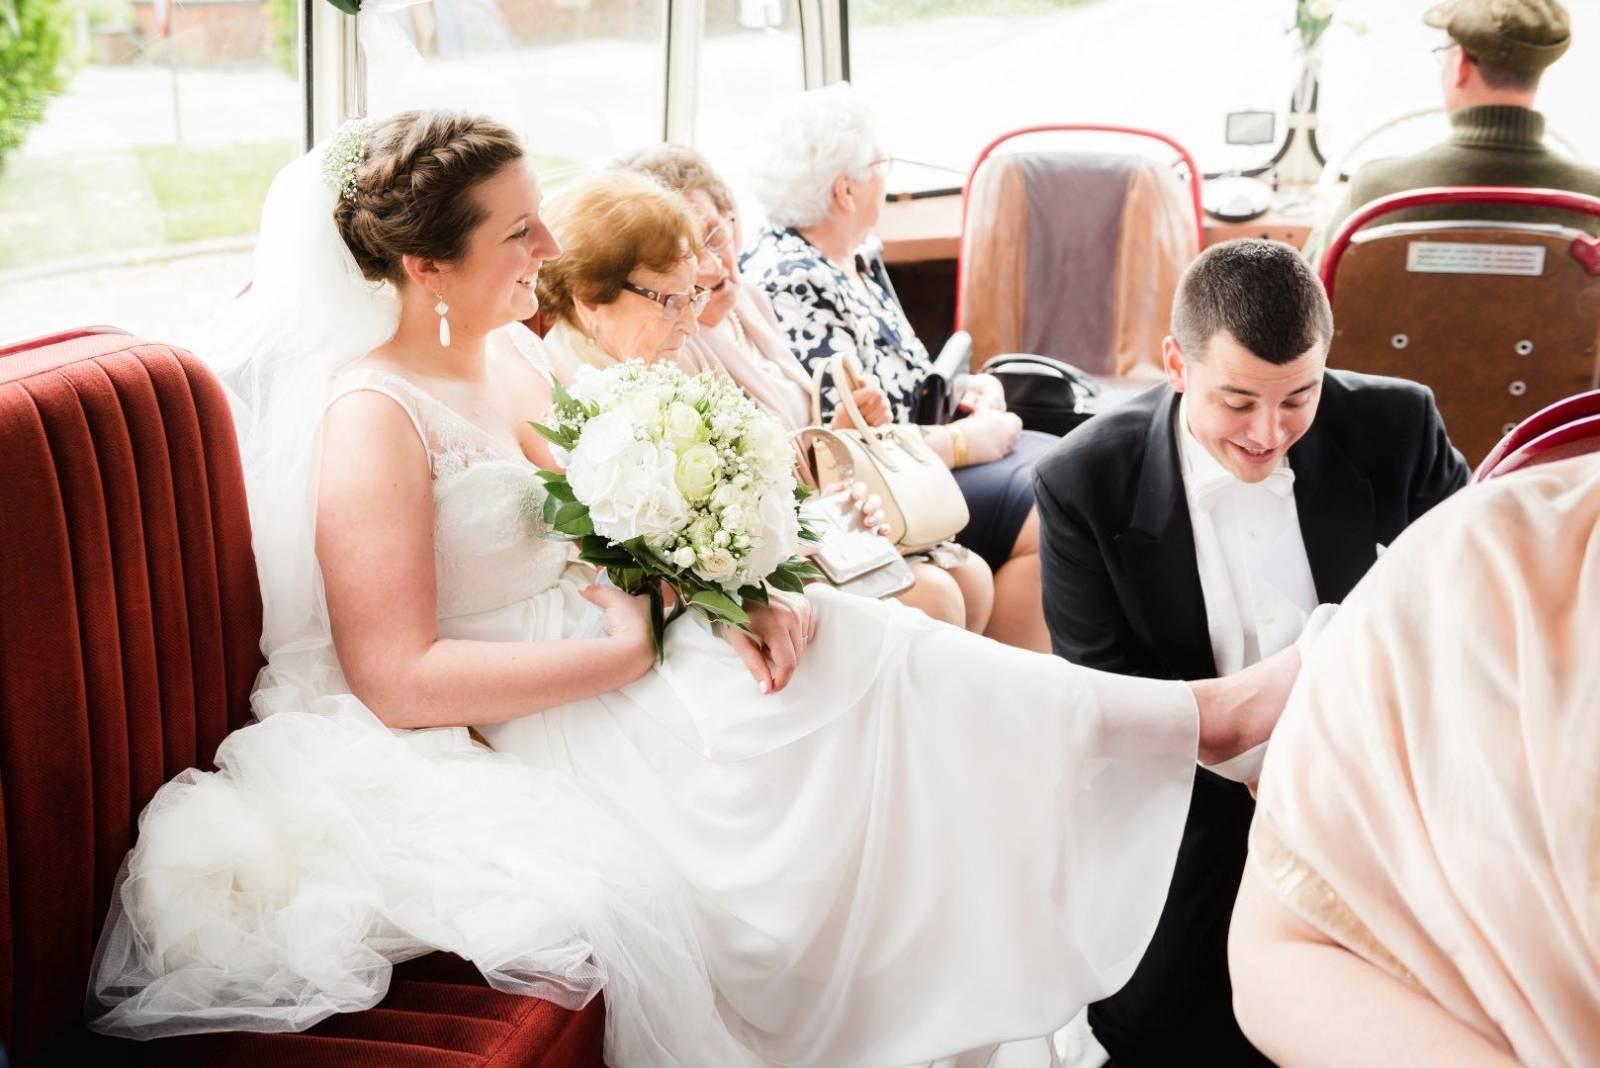 Lamont Ceremonie - Ceremonie - Fotograaf Fotografie De Moor & Muller - House of Weddings - 4